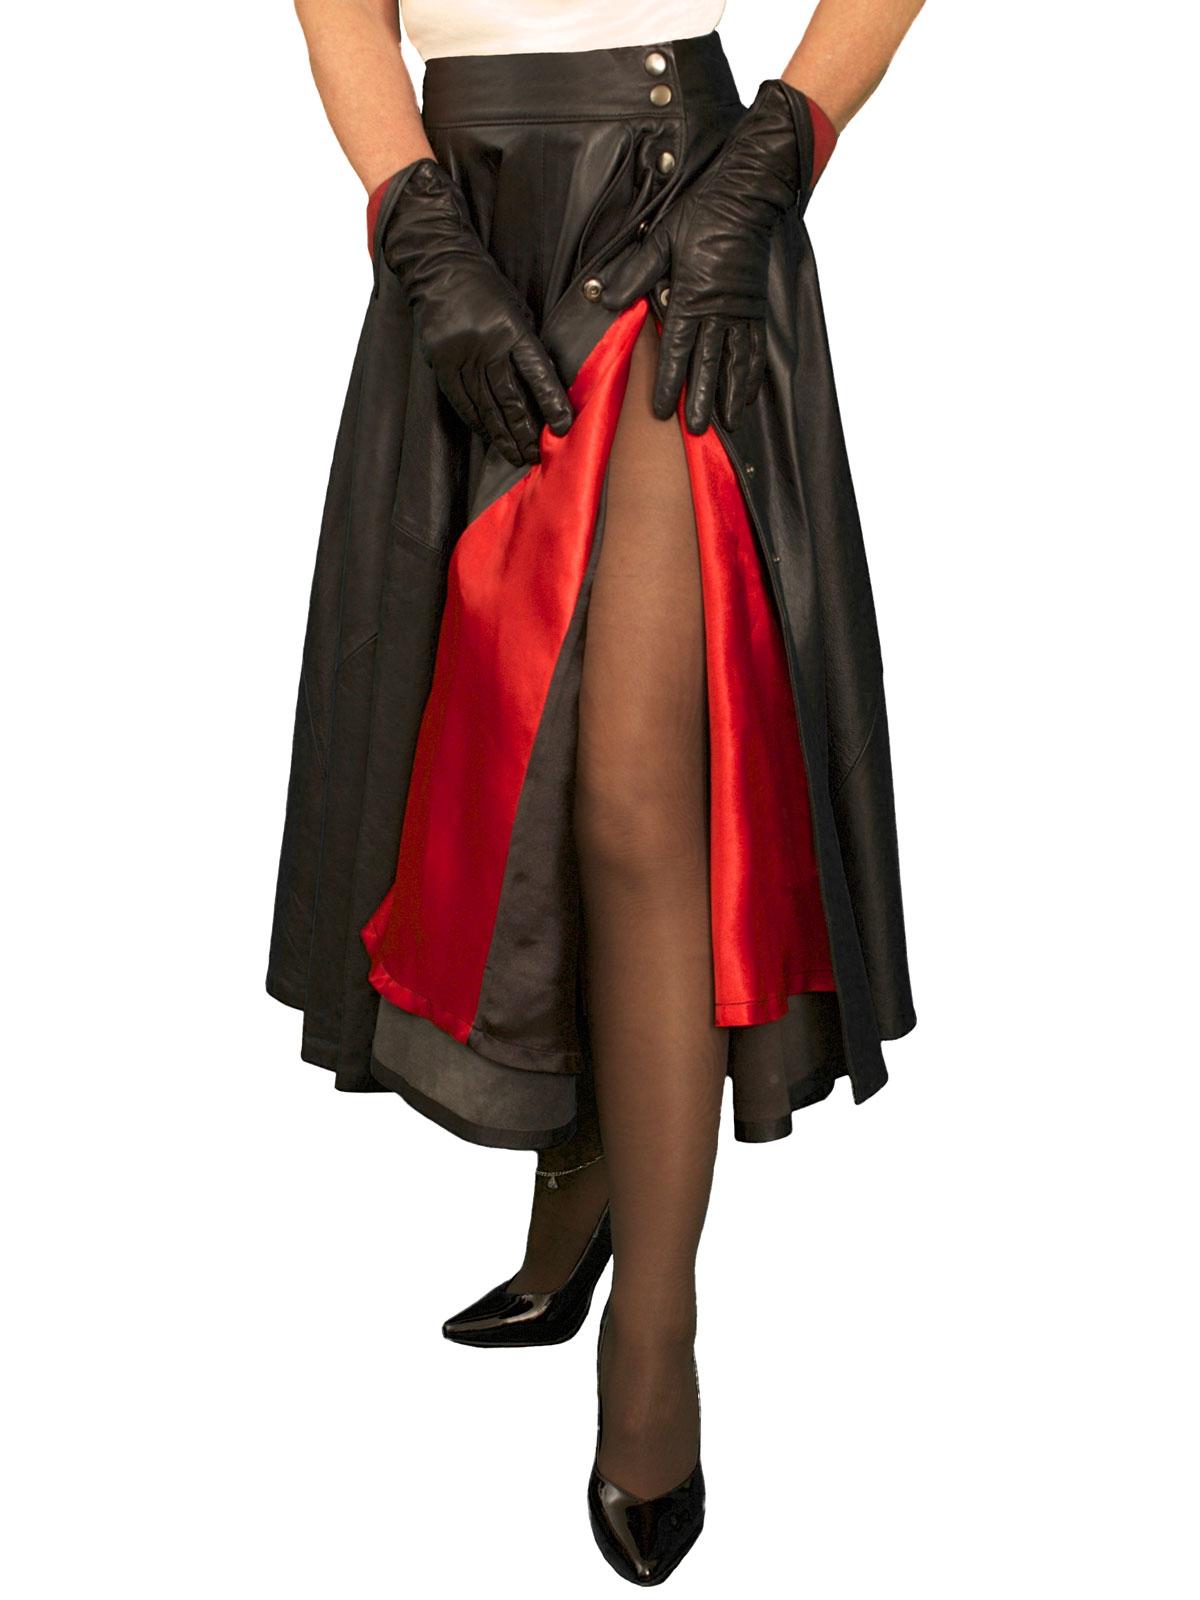 Black Leather Full Midi Skirt, black/red lining - Tout Ensemble